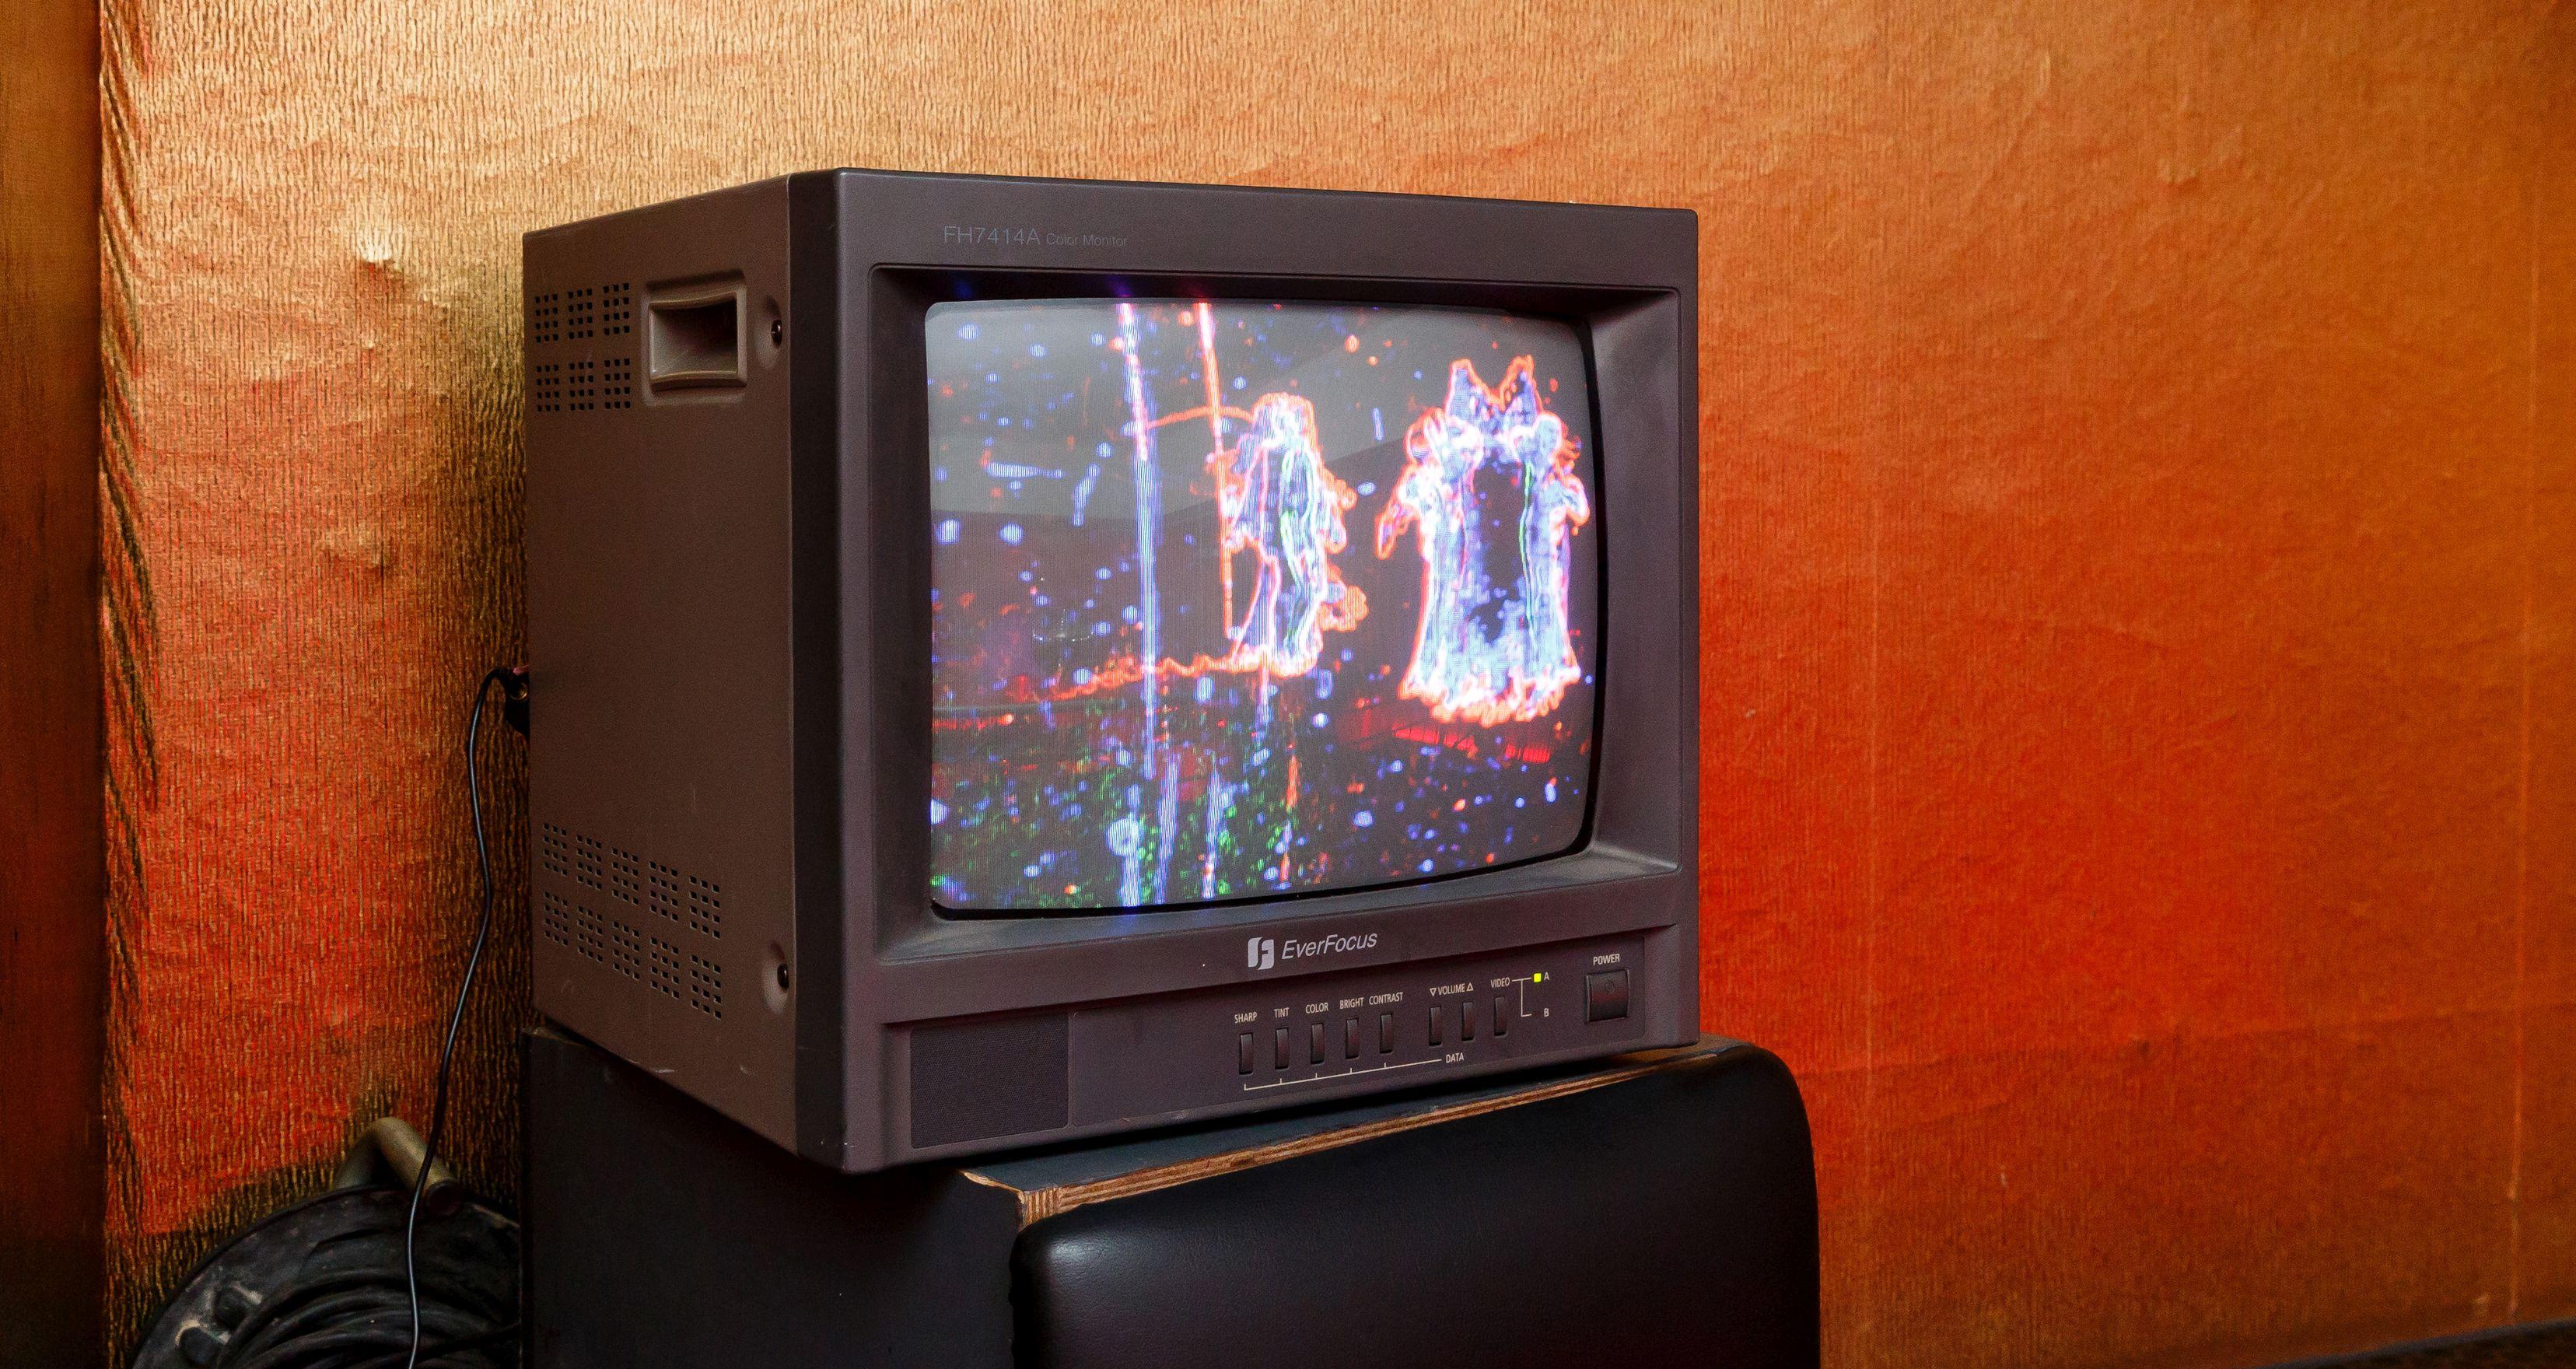 Vor einer goldenen Tapete steht ein alter Röhren-Fernseher. Auf dem Bildschirm sind bunte Strichzeichnungen zu erkennen.